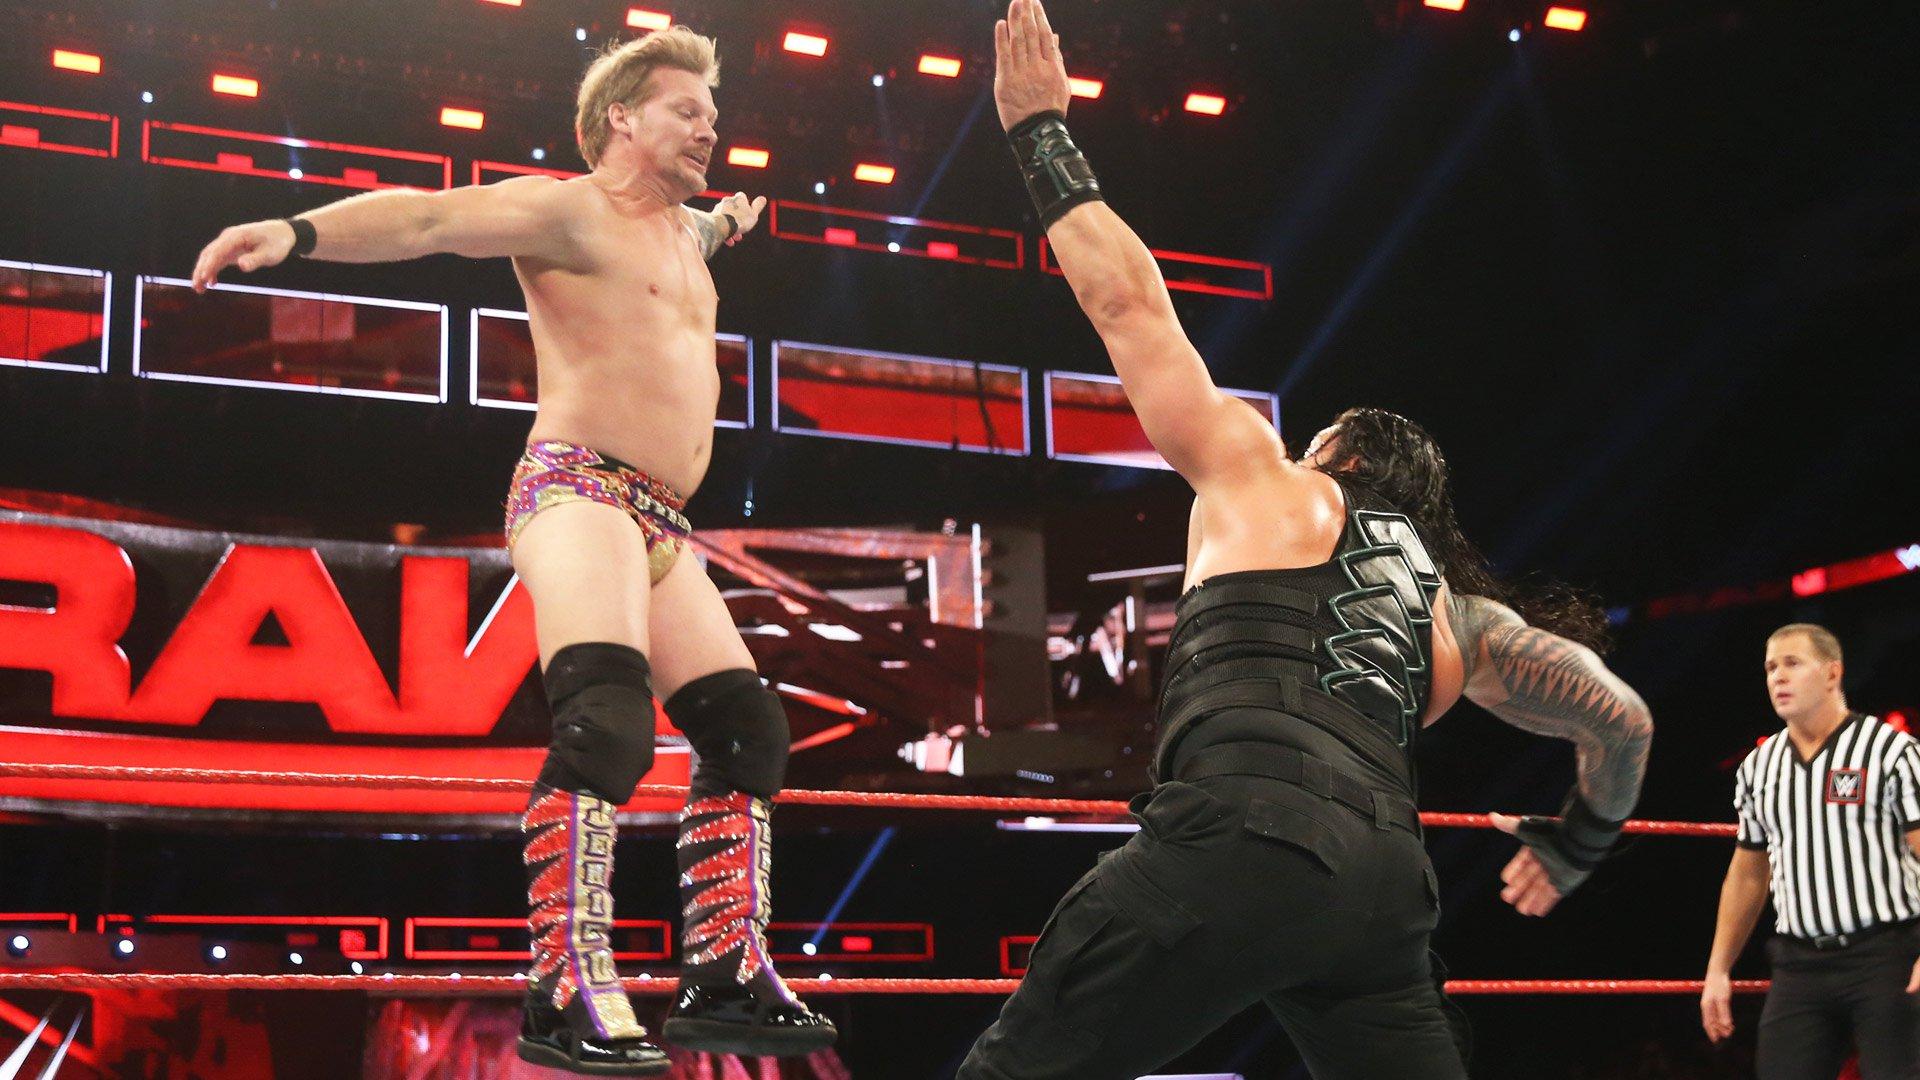 Roman Reigns vs. Kevin Owens & Chris Jericho - Match Handicap à 2 contre 1 pour le titre des États-Unis: Raw, 9 janvier 2017